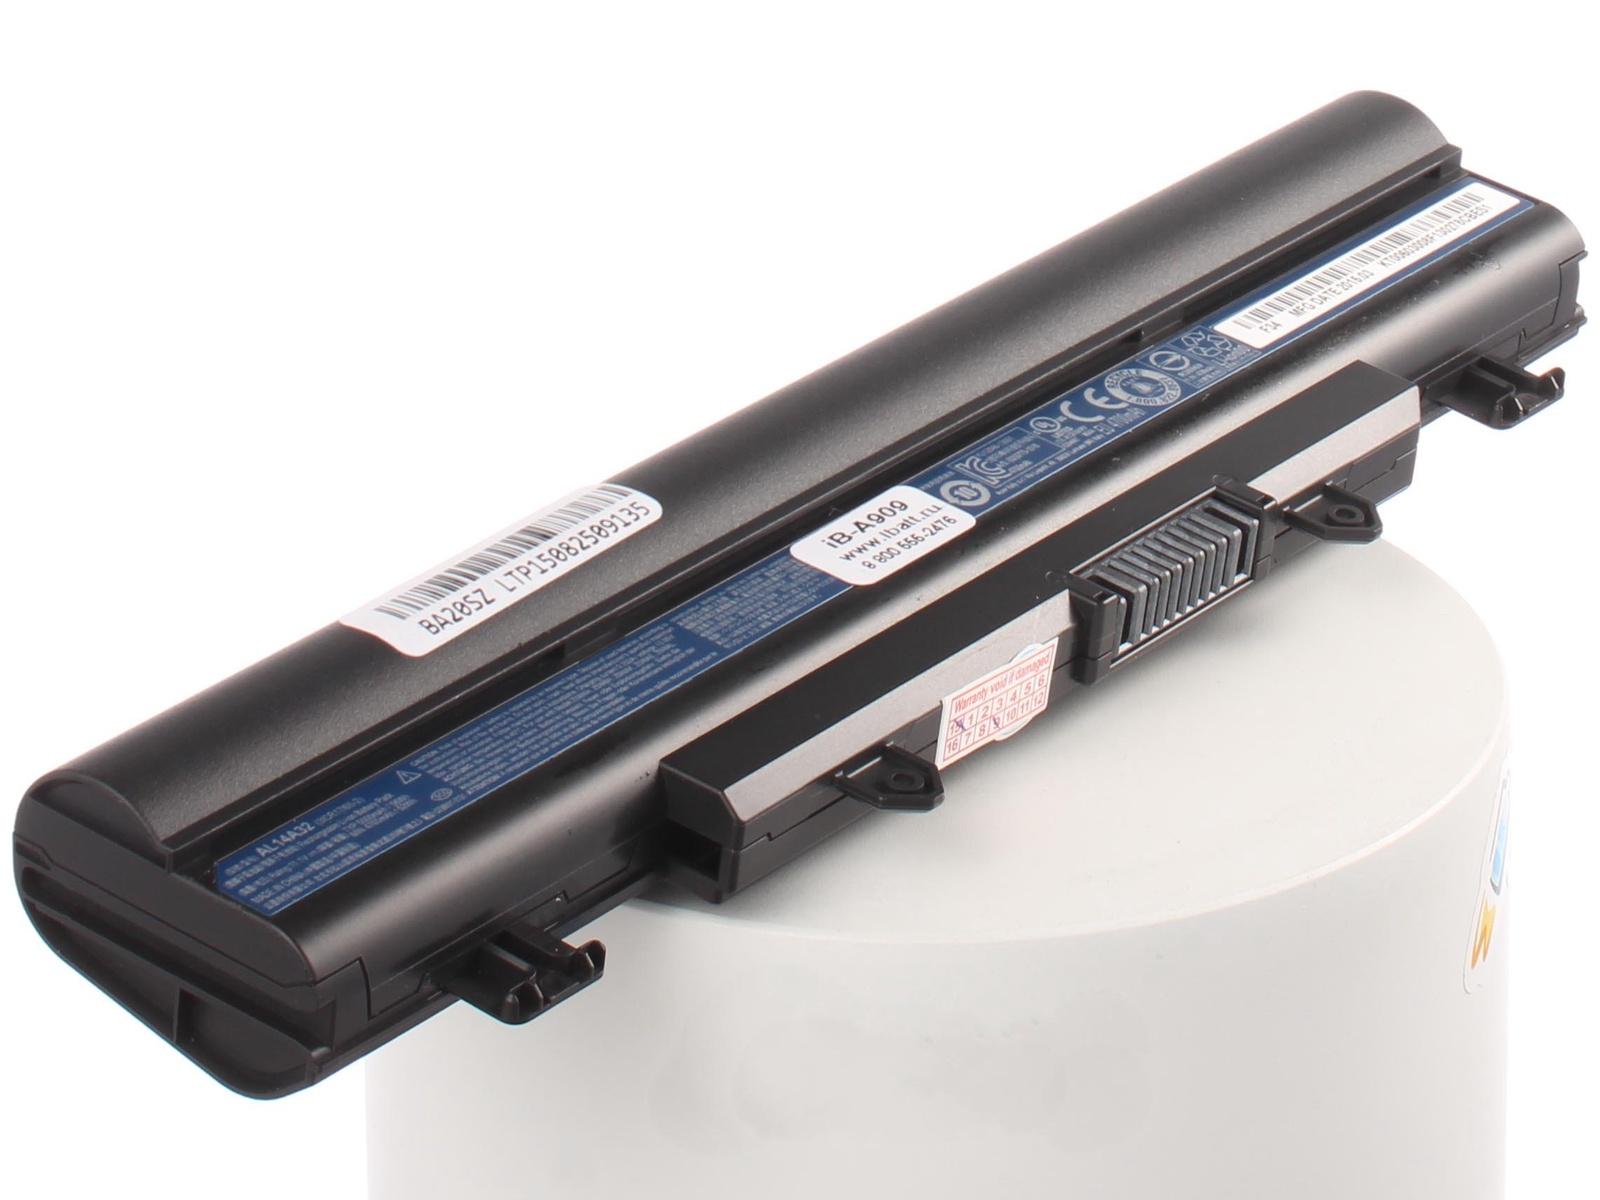 Аккумулятор для ноутбука iBatt для Acer Aspire E5-571G-56AH, Extensa 2509-C82B, Travelmate P256-MG-56NH, Aspire E5-511-C565, Aspire E5-511-P9D8, Aspire E5-521-8175, Aspire E5-521G-4209, Aspire E5-571G-34J9, Aspire E5-571G-55U1 acer aspire e5 573 331j